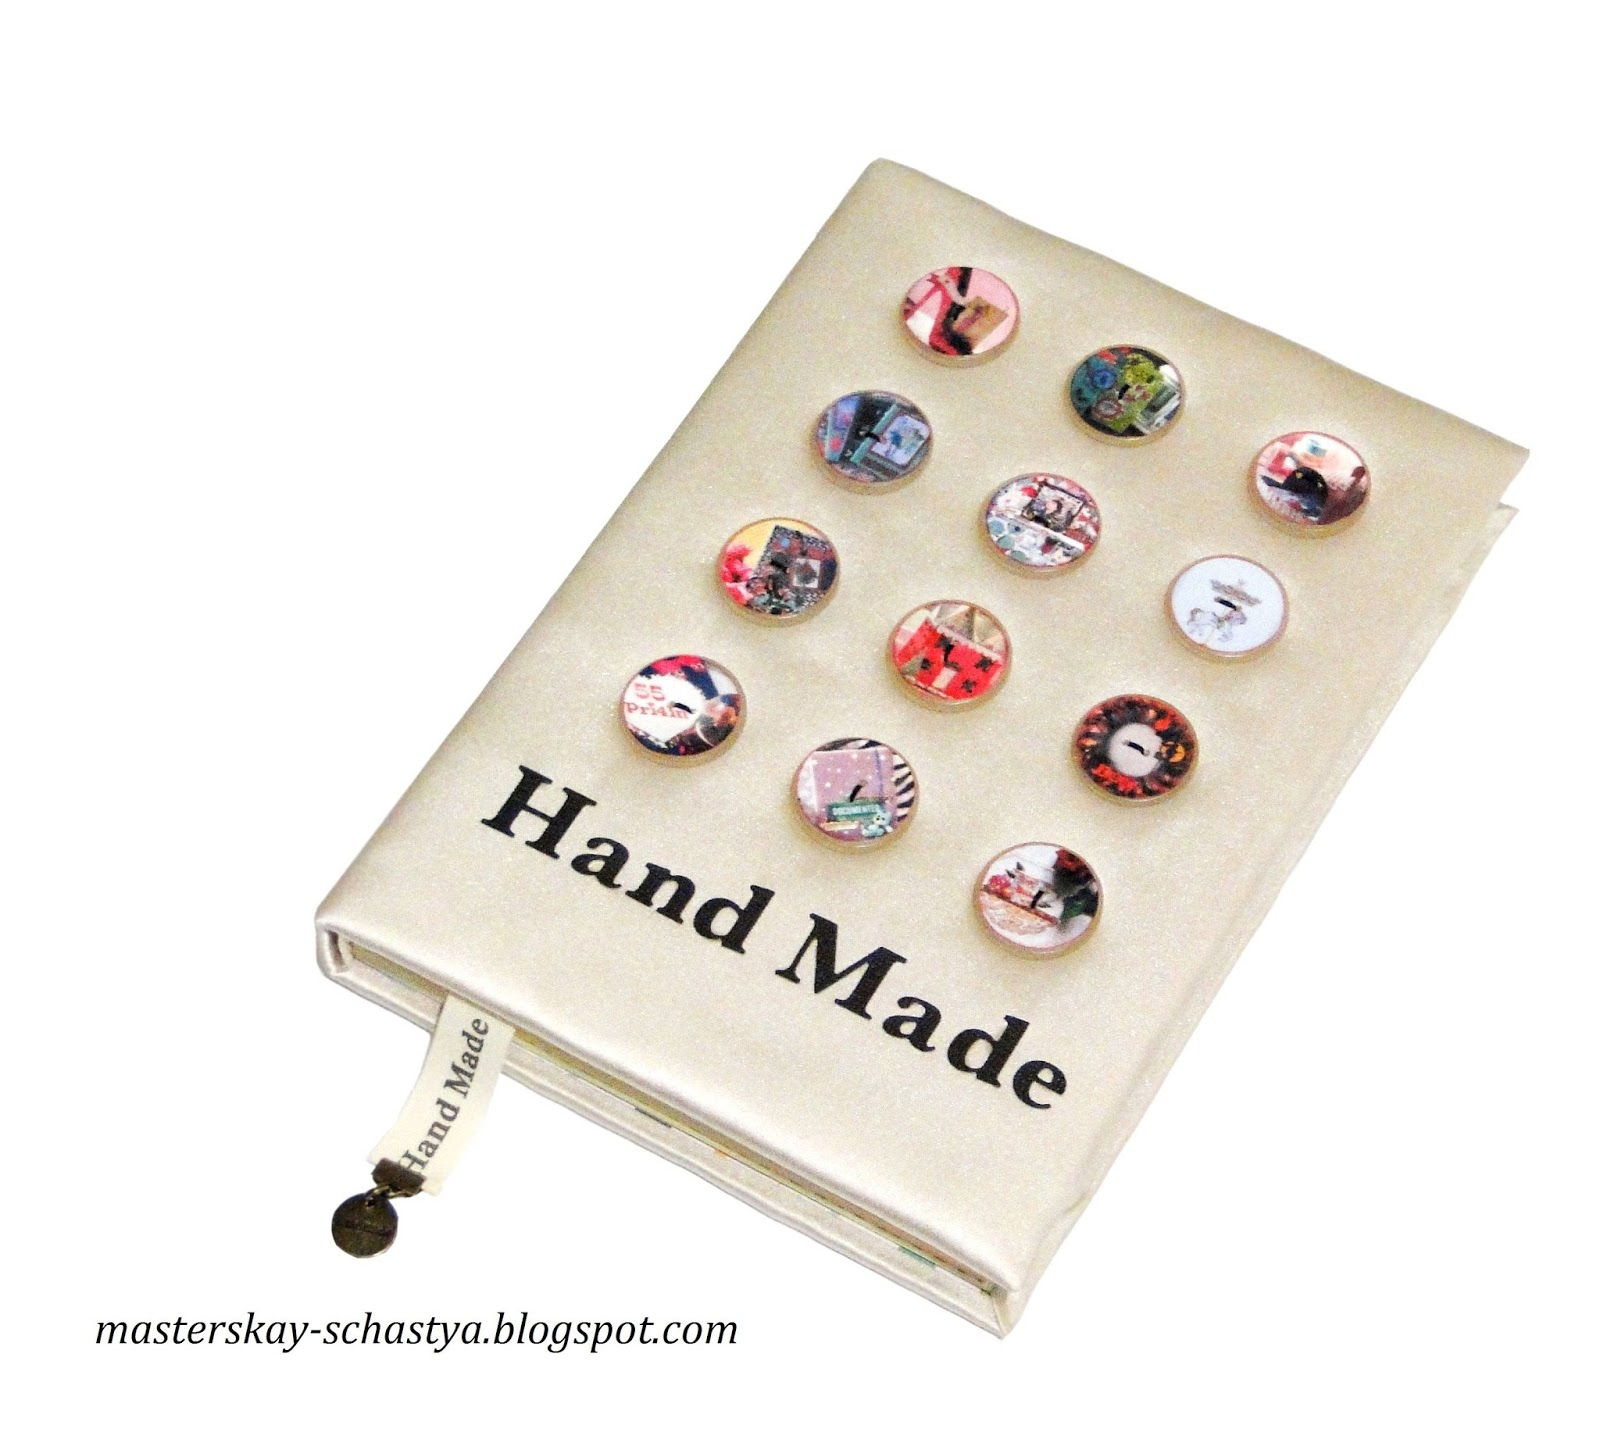 http://masterskay-schastya.blogspot.com/2014/12/notebook-handmade.html